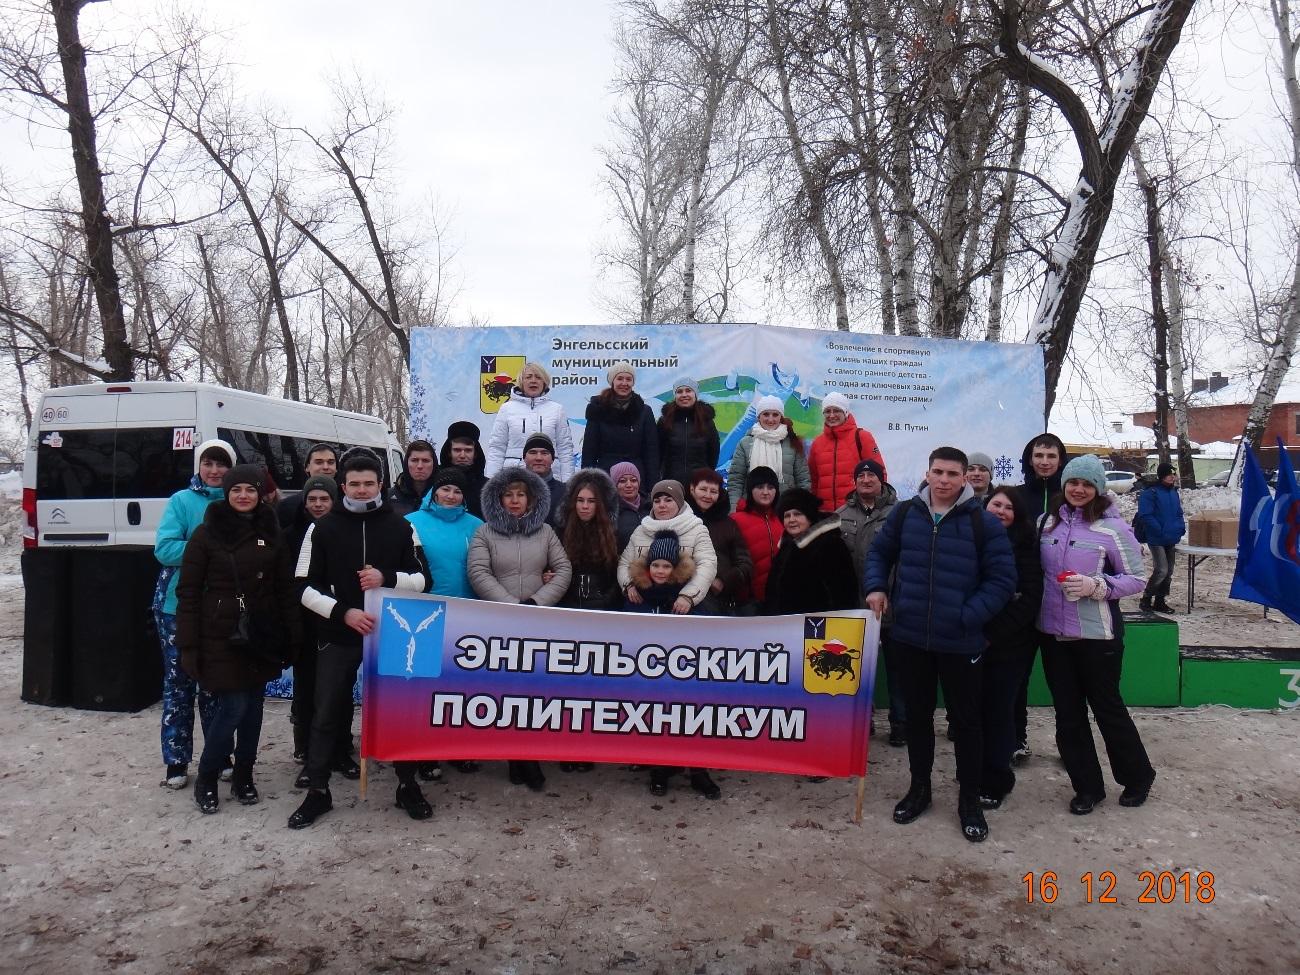 http://politehnikum-eng.ru/2018/12_17/55.jpg